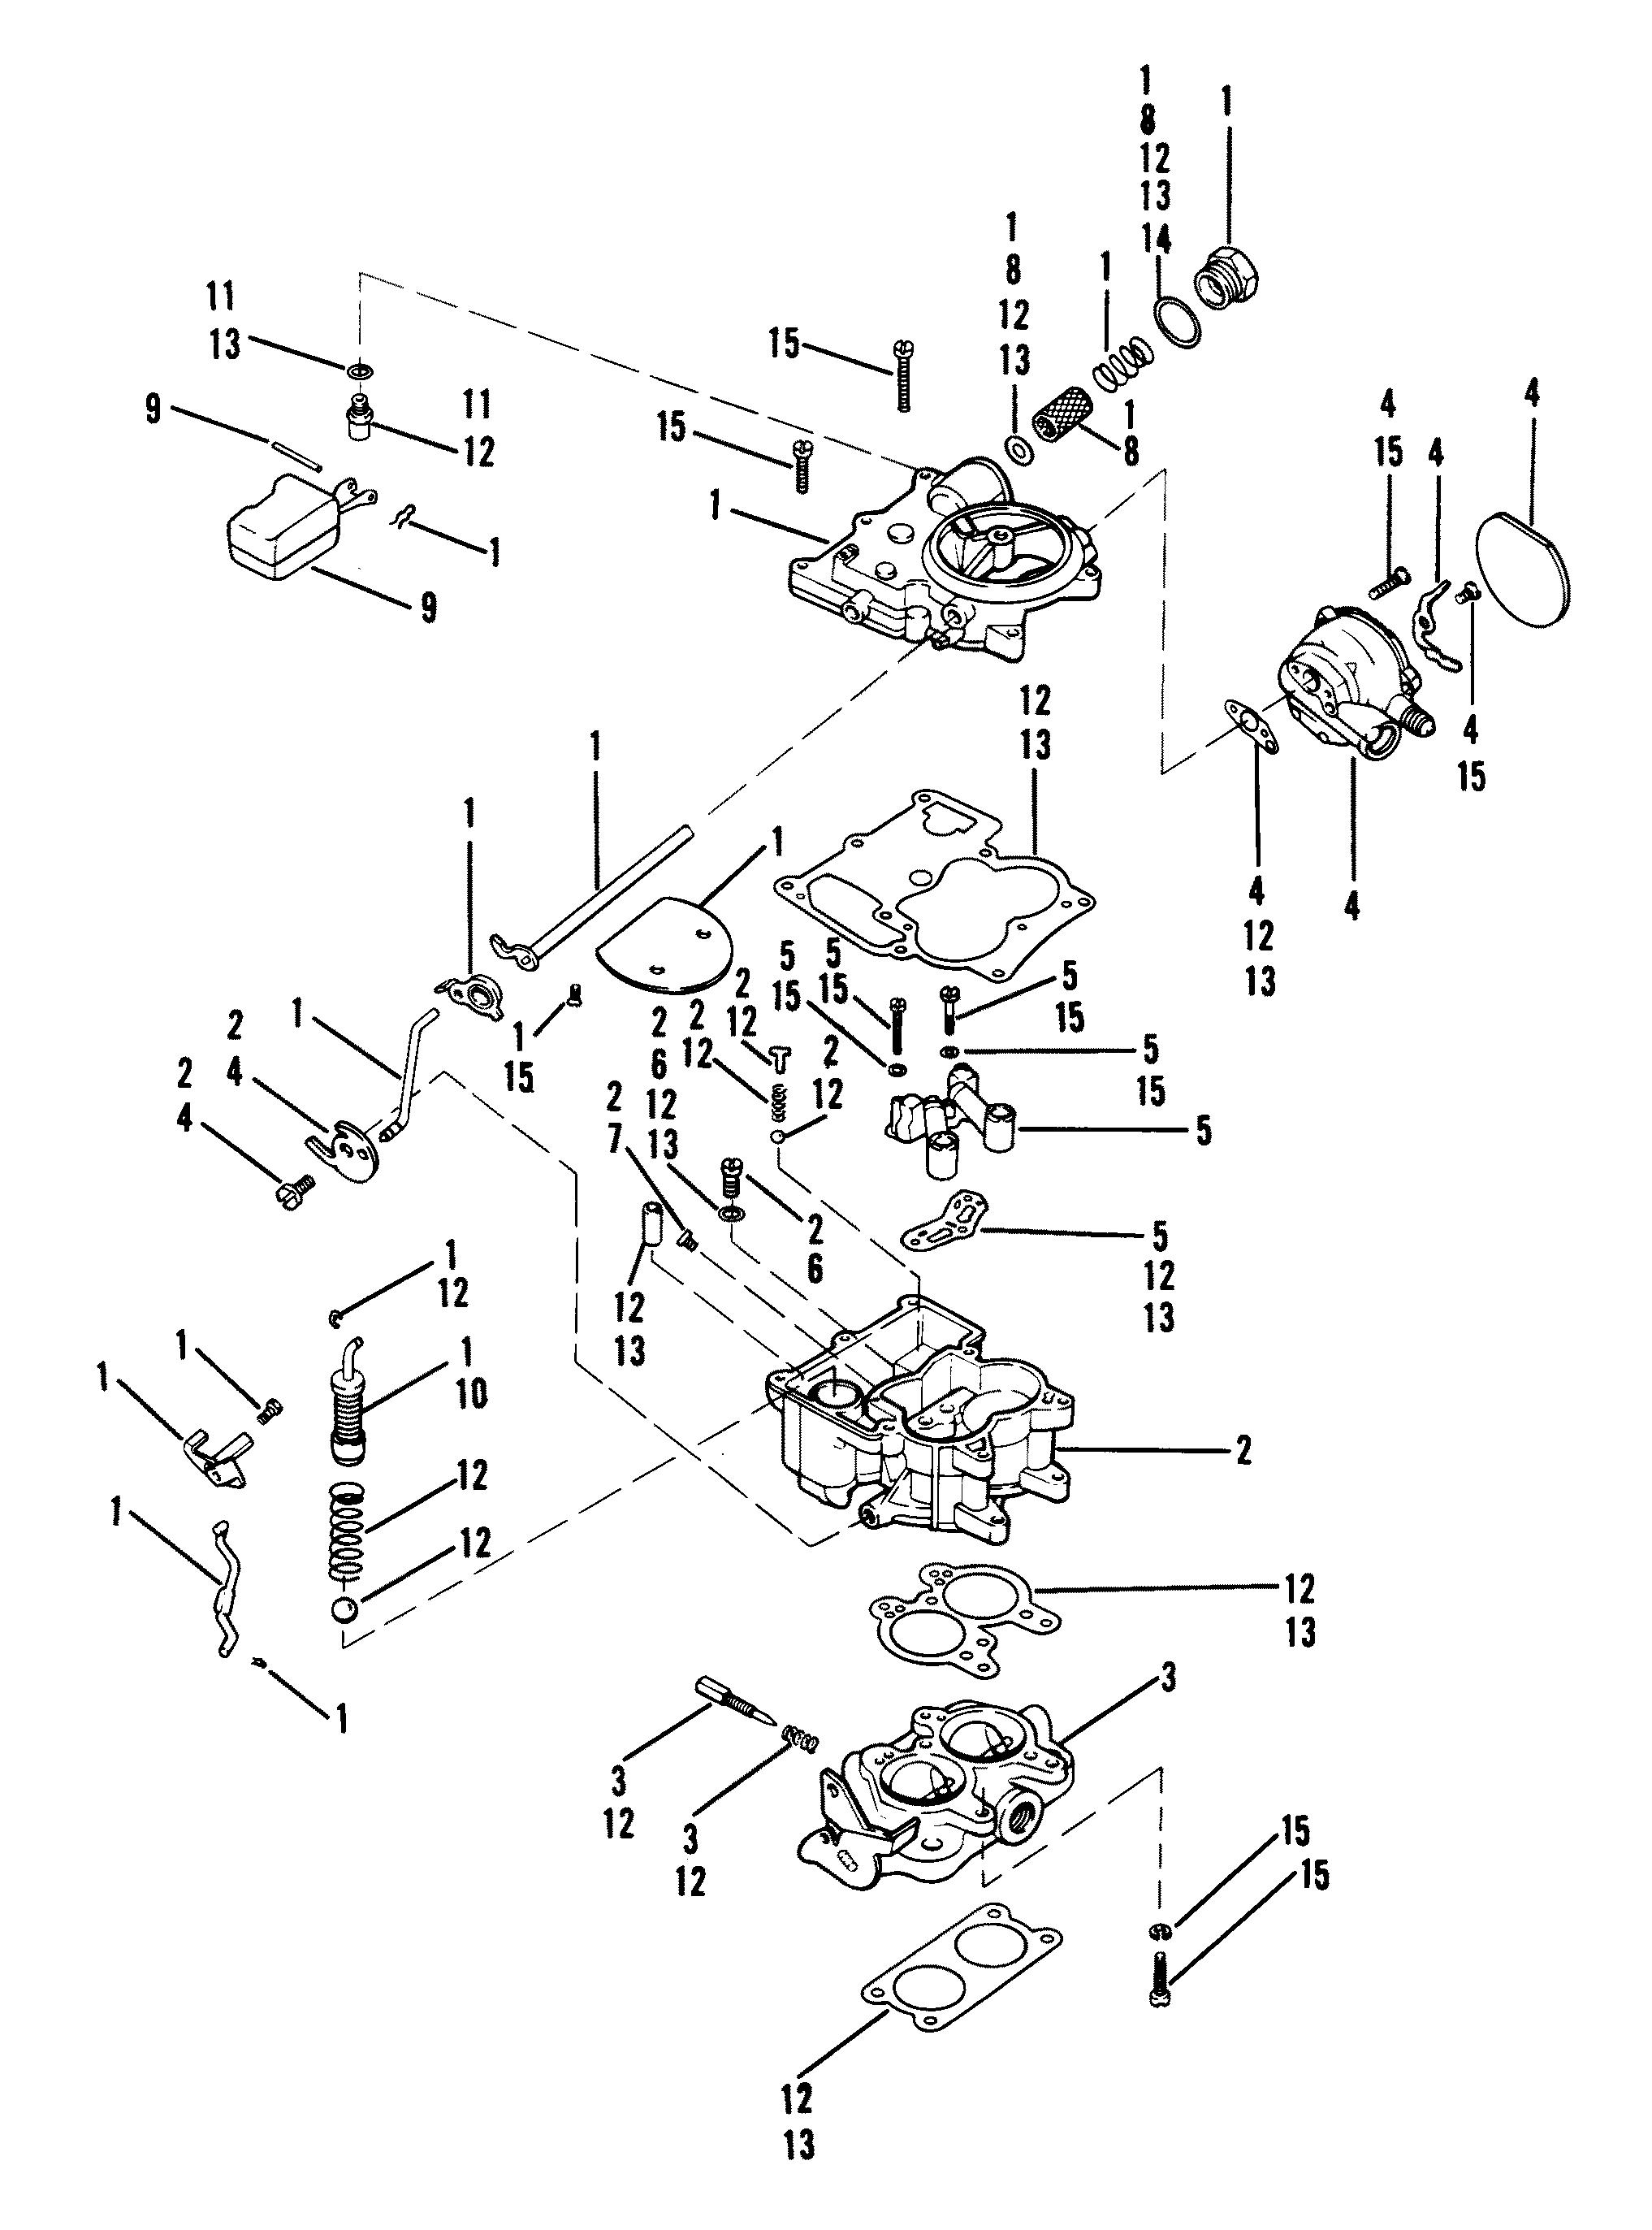 3 0 Mercruiser Wiring Diagram Diagram – Mercruiser 3.0 Wiring Diagram